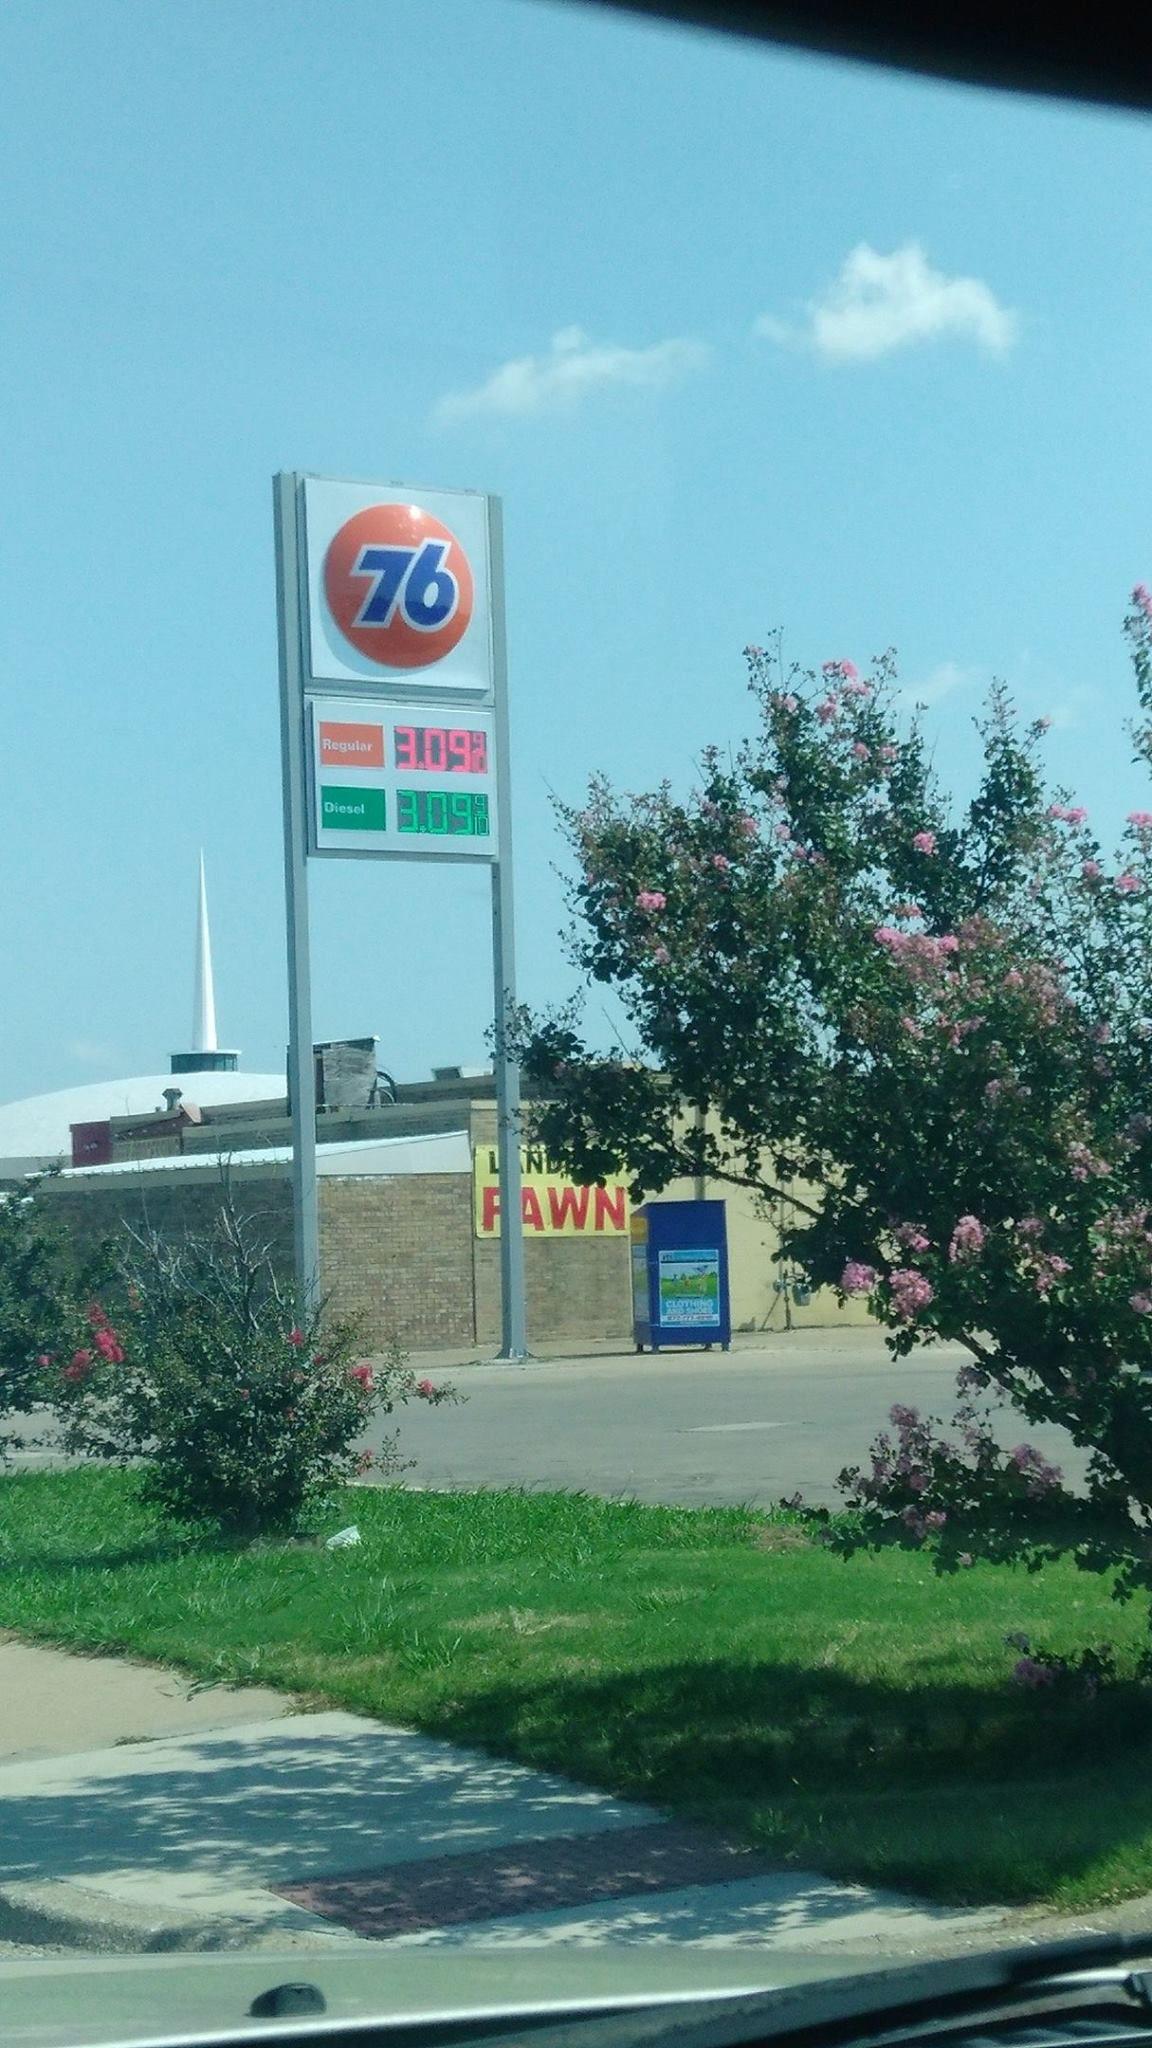 Gasolinera en Garland. Foto tomada de Facebook.